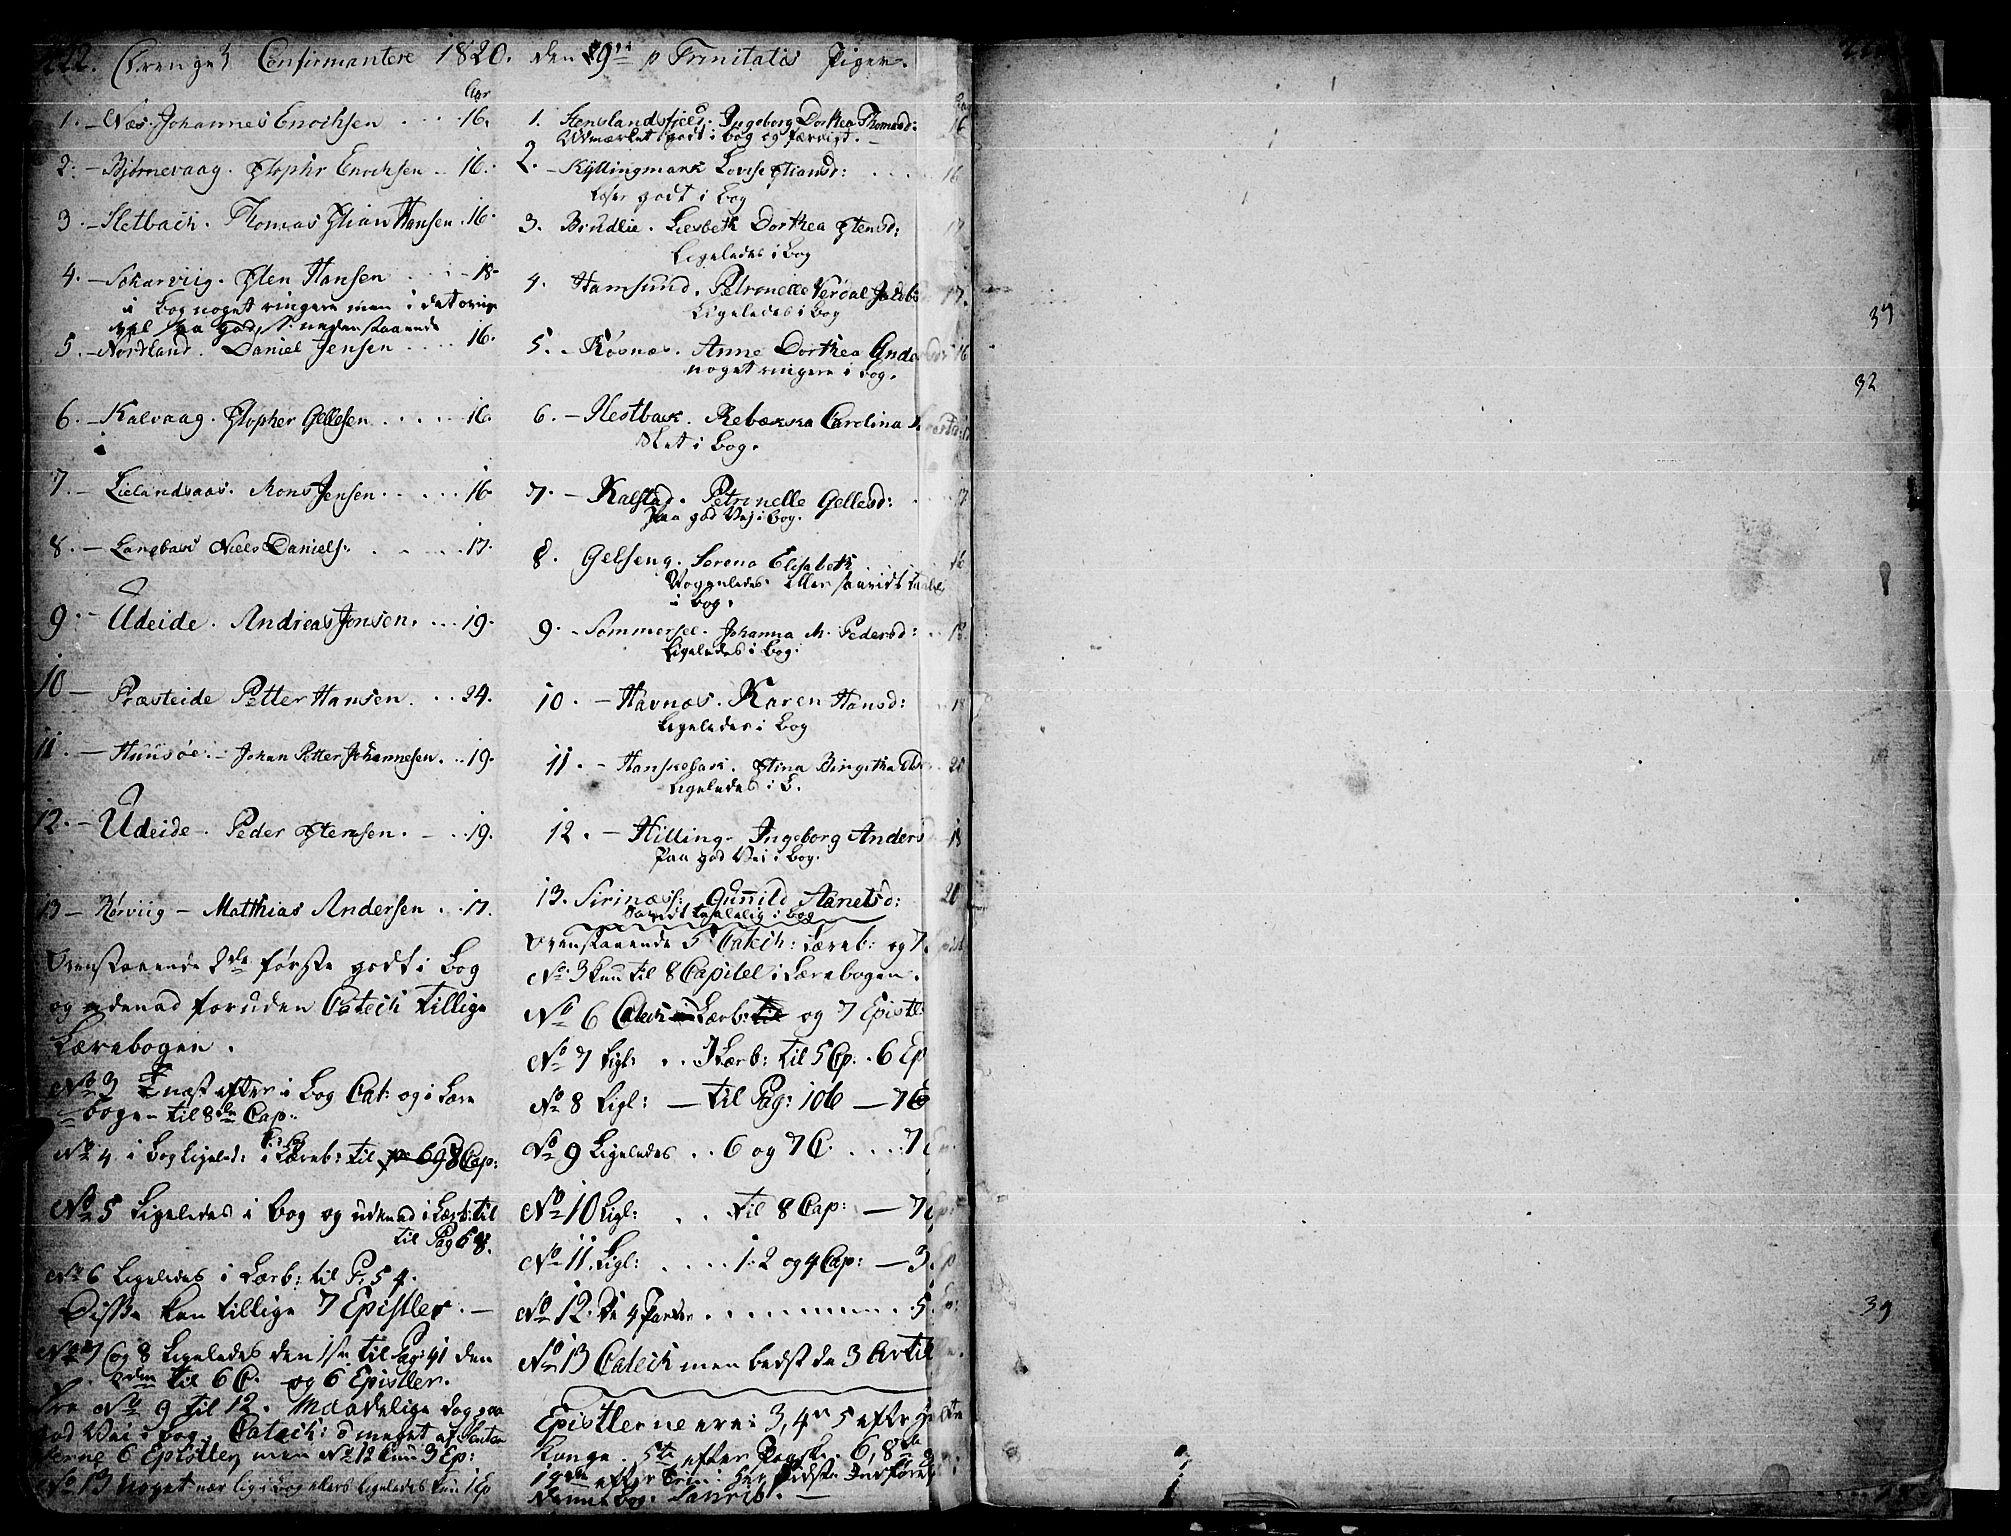 SAT, Ministerialprotokoller, klokkerbøker og fødselsregistre - Nordland, 859/L0841: Parish register (official) no. 859A01, 1766-1821, p. 422-423